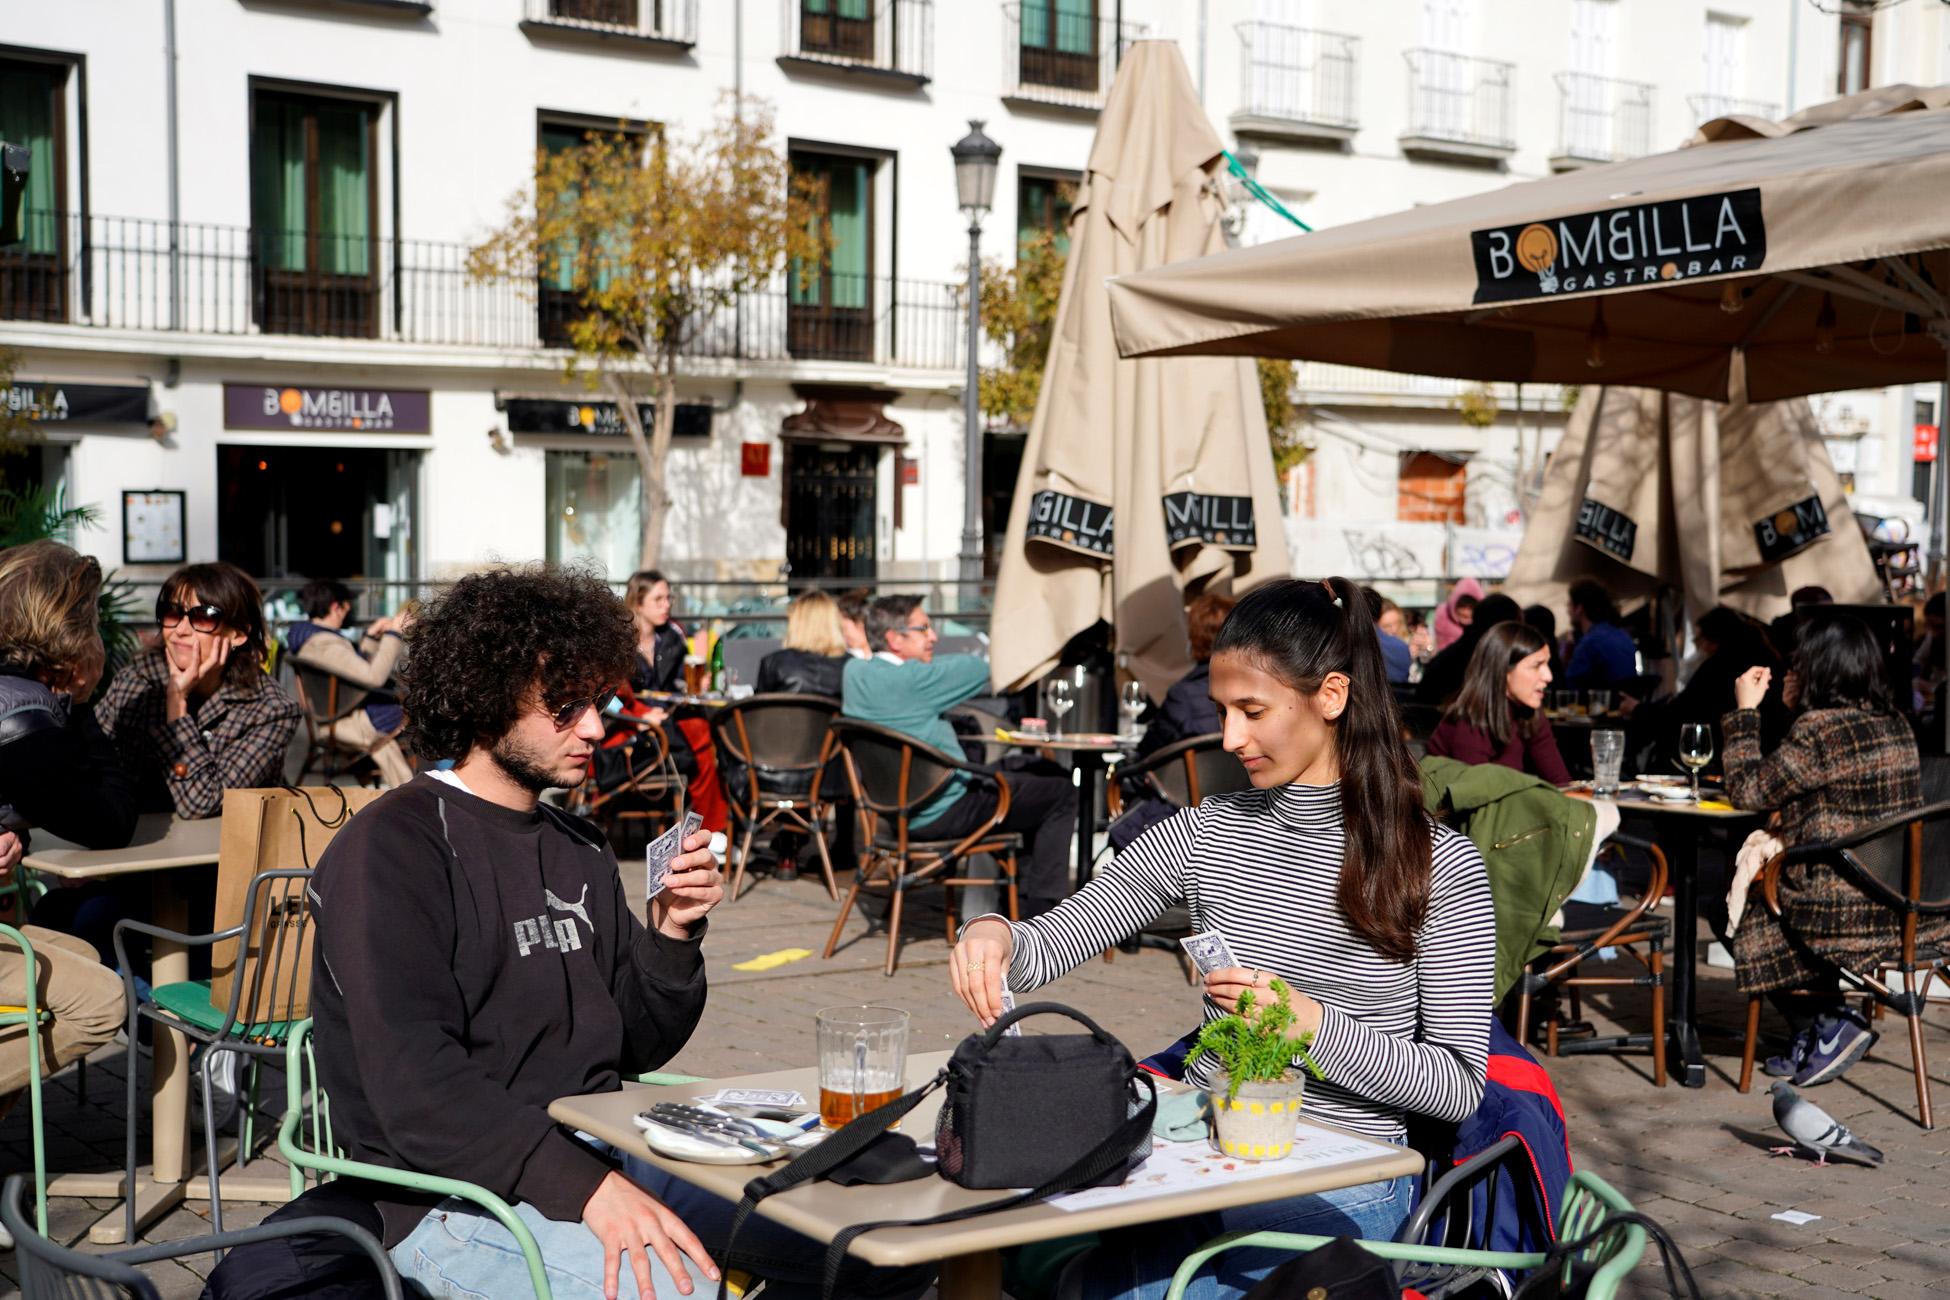 Φεύγουν από τη Γαλλία και πάνε στη Μαδρίτη για ποτό και φαγητό